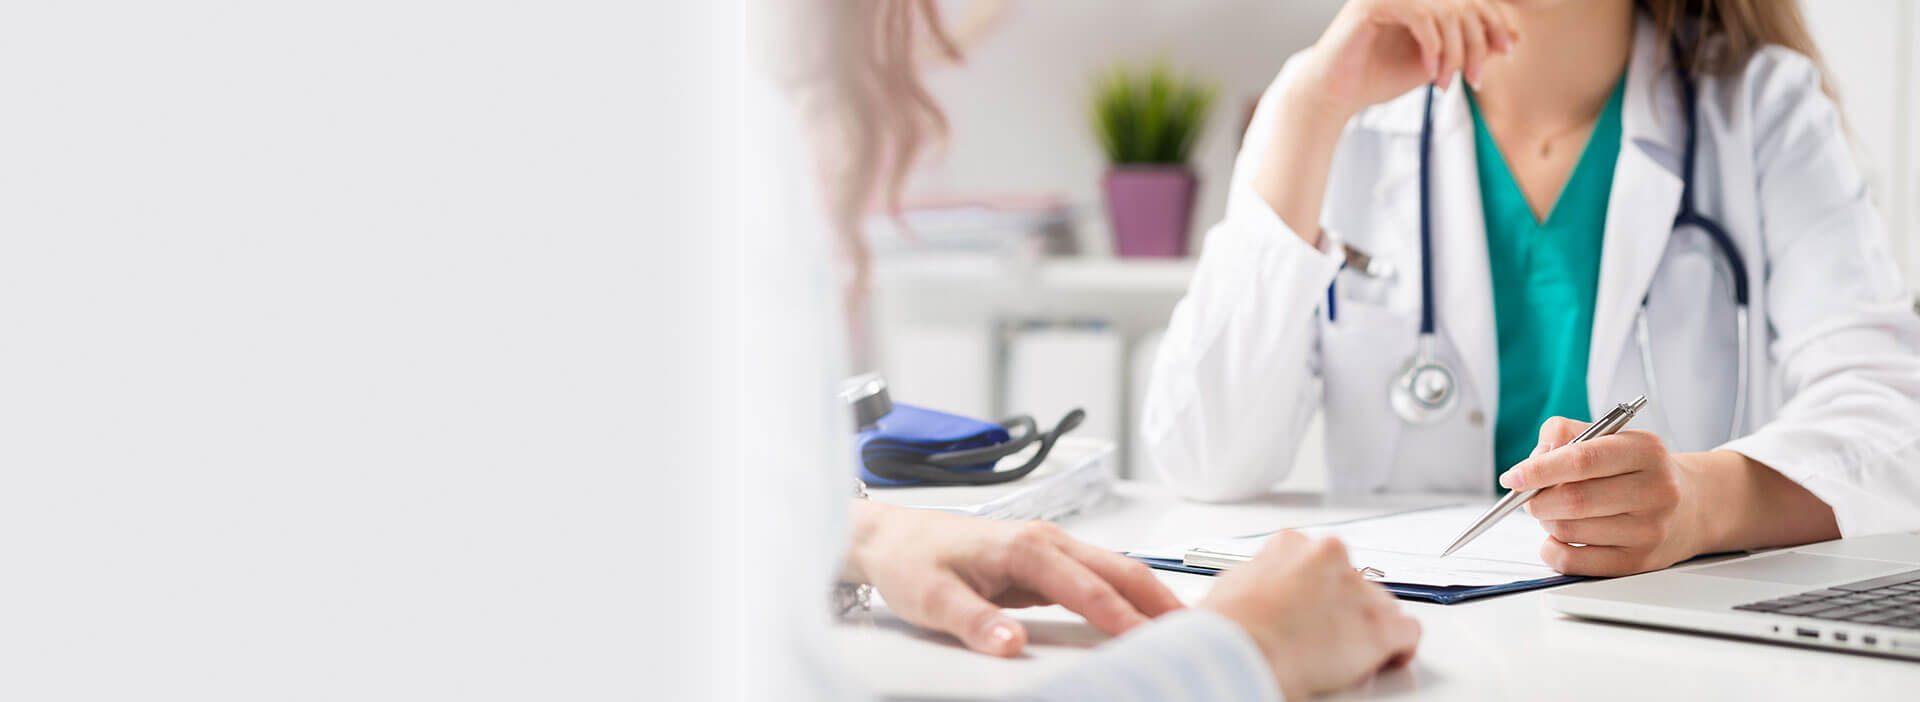 Dr Lalancette MD - Clinique Medico-esthétique